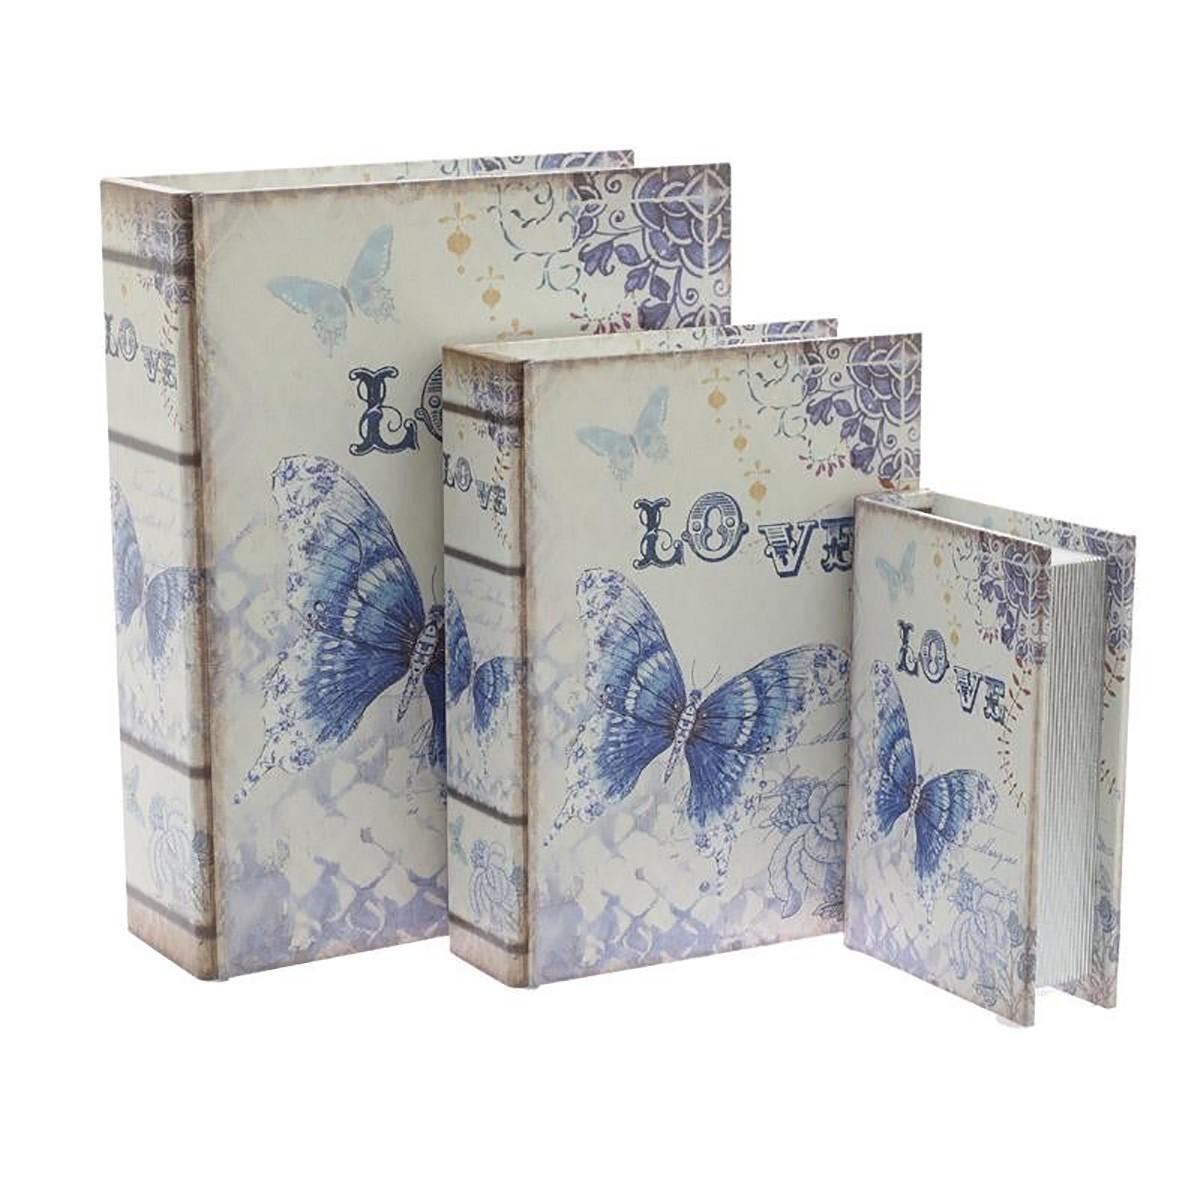 Κουτιά/Βιβλία Αποθήκευσης (Σετ 3τμχ) InArt 3-70-358-0056